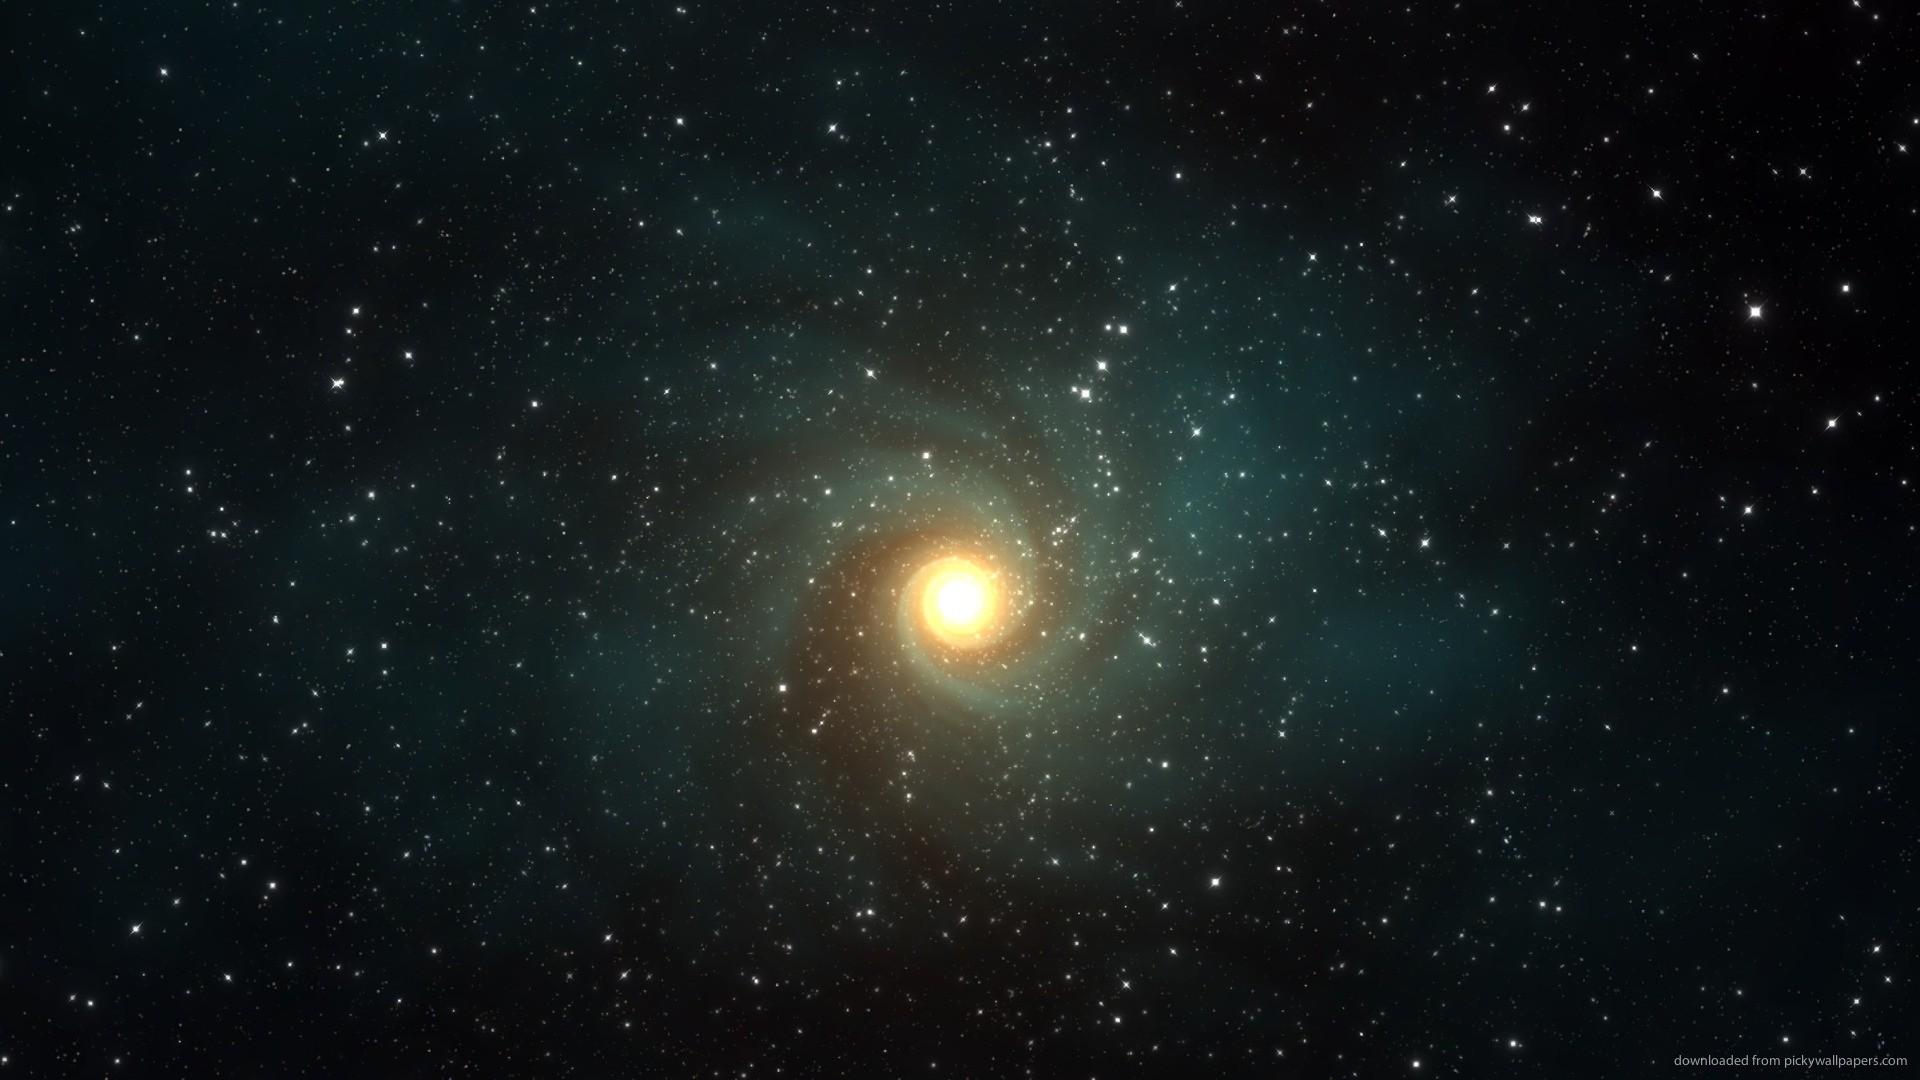 Bright Sun In The Dark Space picture